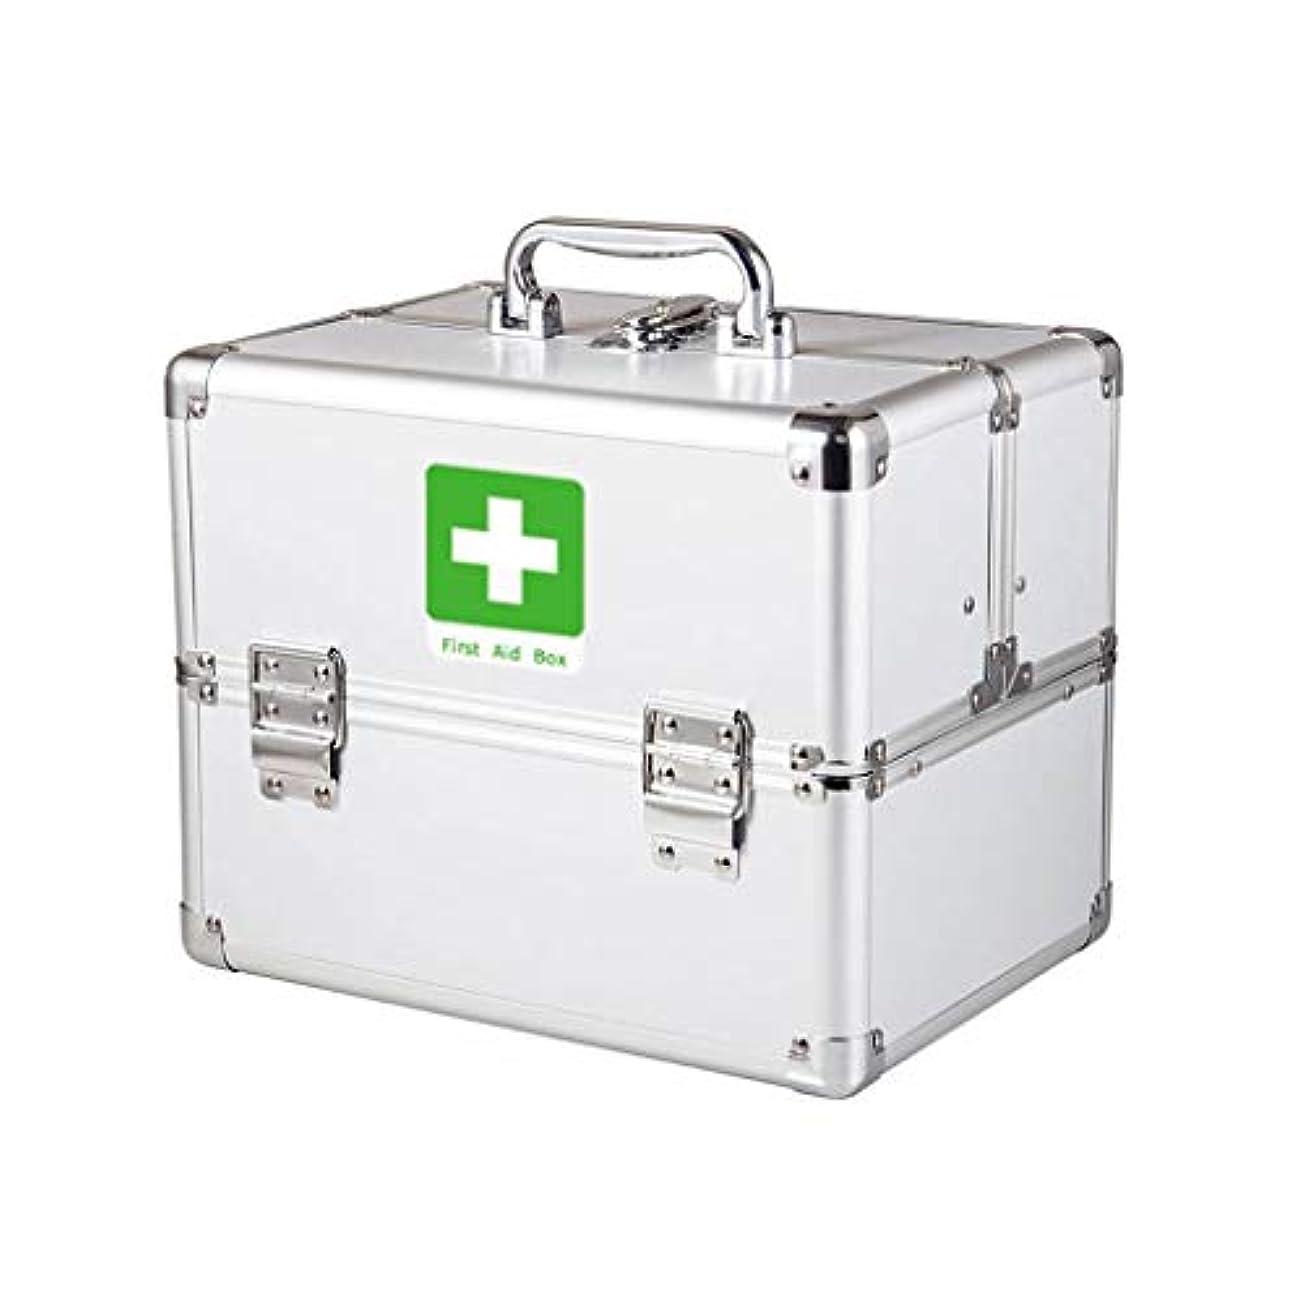 スマートシンポジウムフェードアウトYxsd 応急処置キット コンパートメントが付いているロックできる応急処置キットの医学箱、金属の医学の容器の緊急のキットのキャビネット (Size : S)